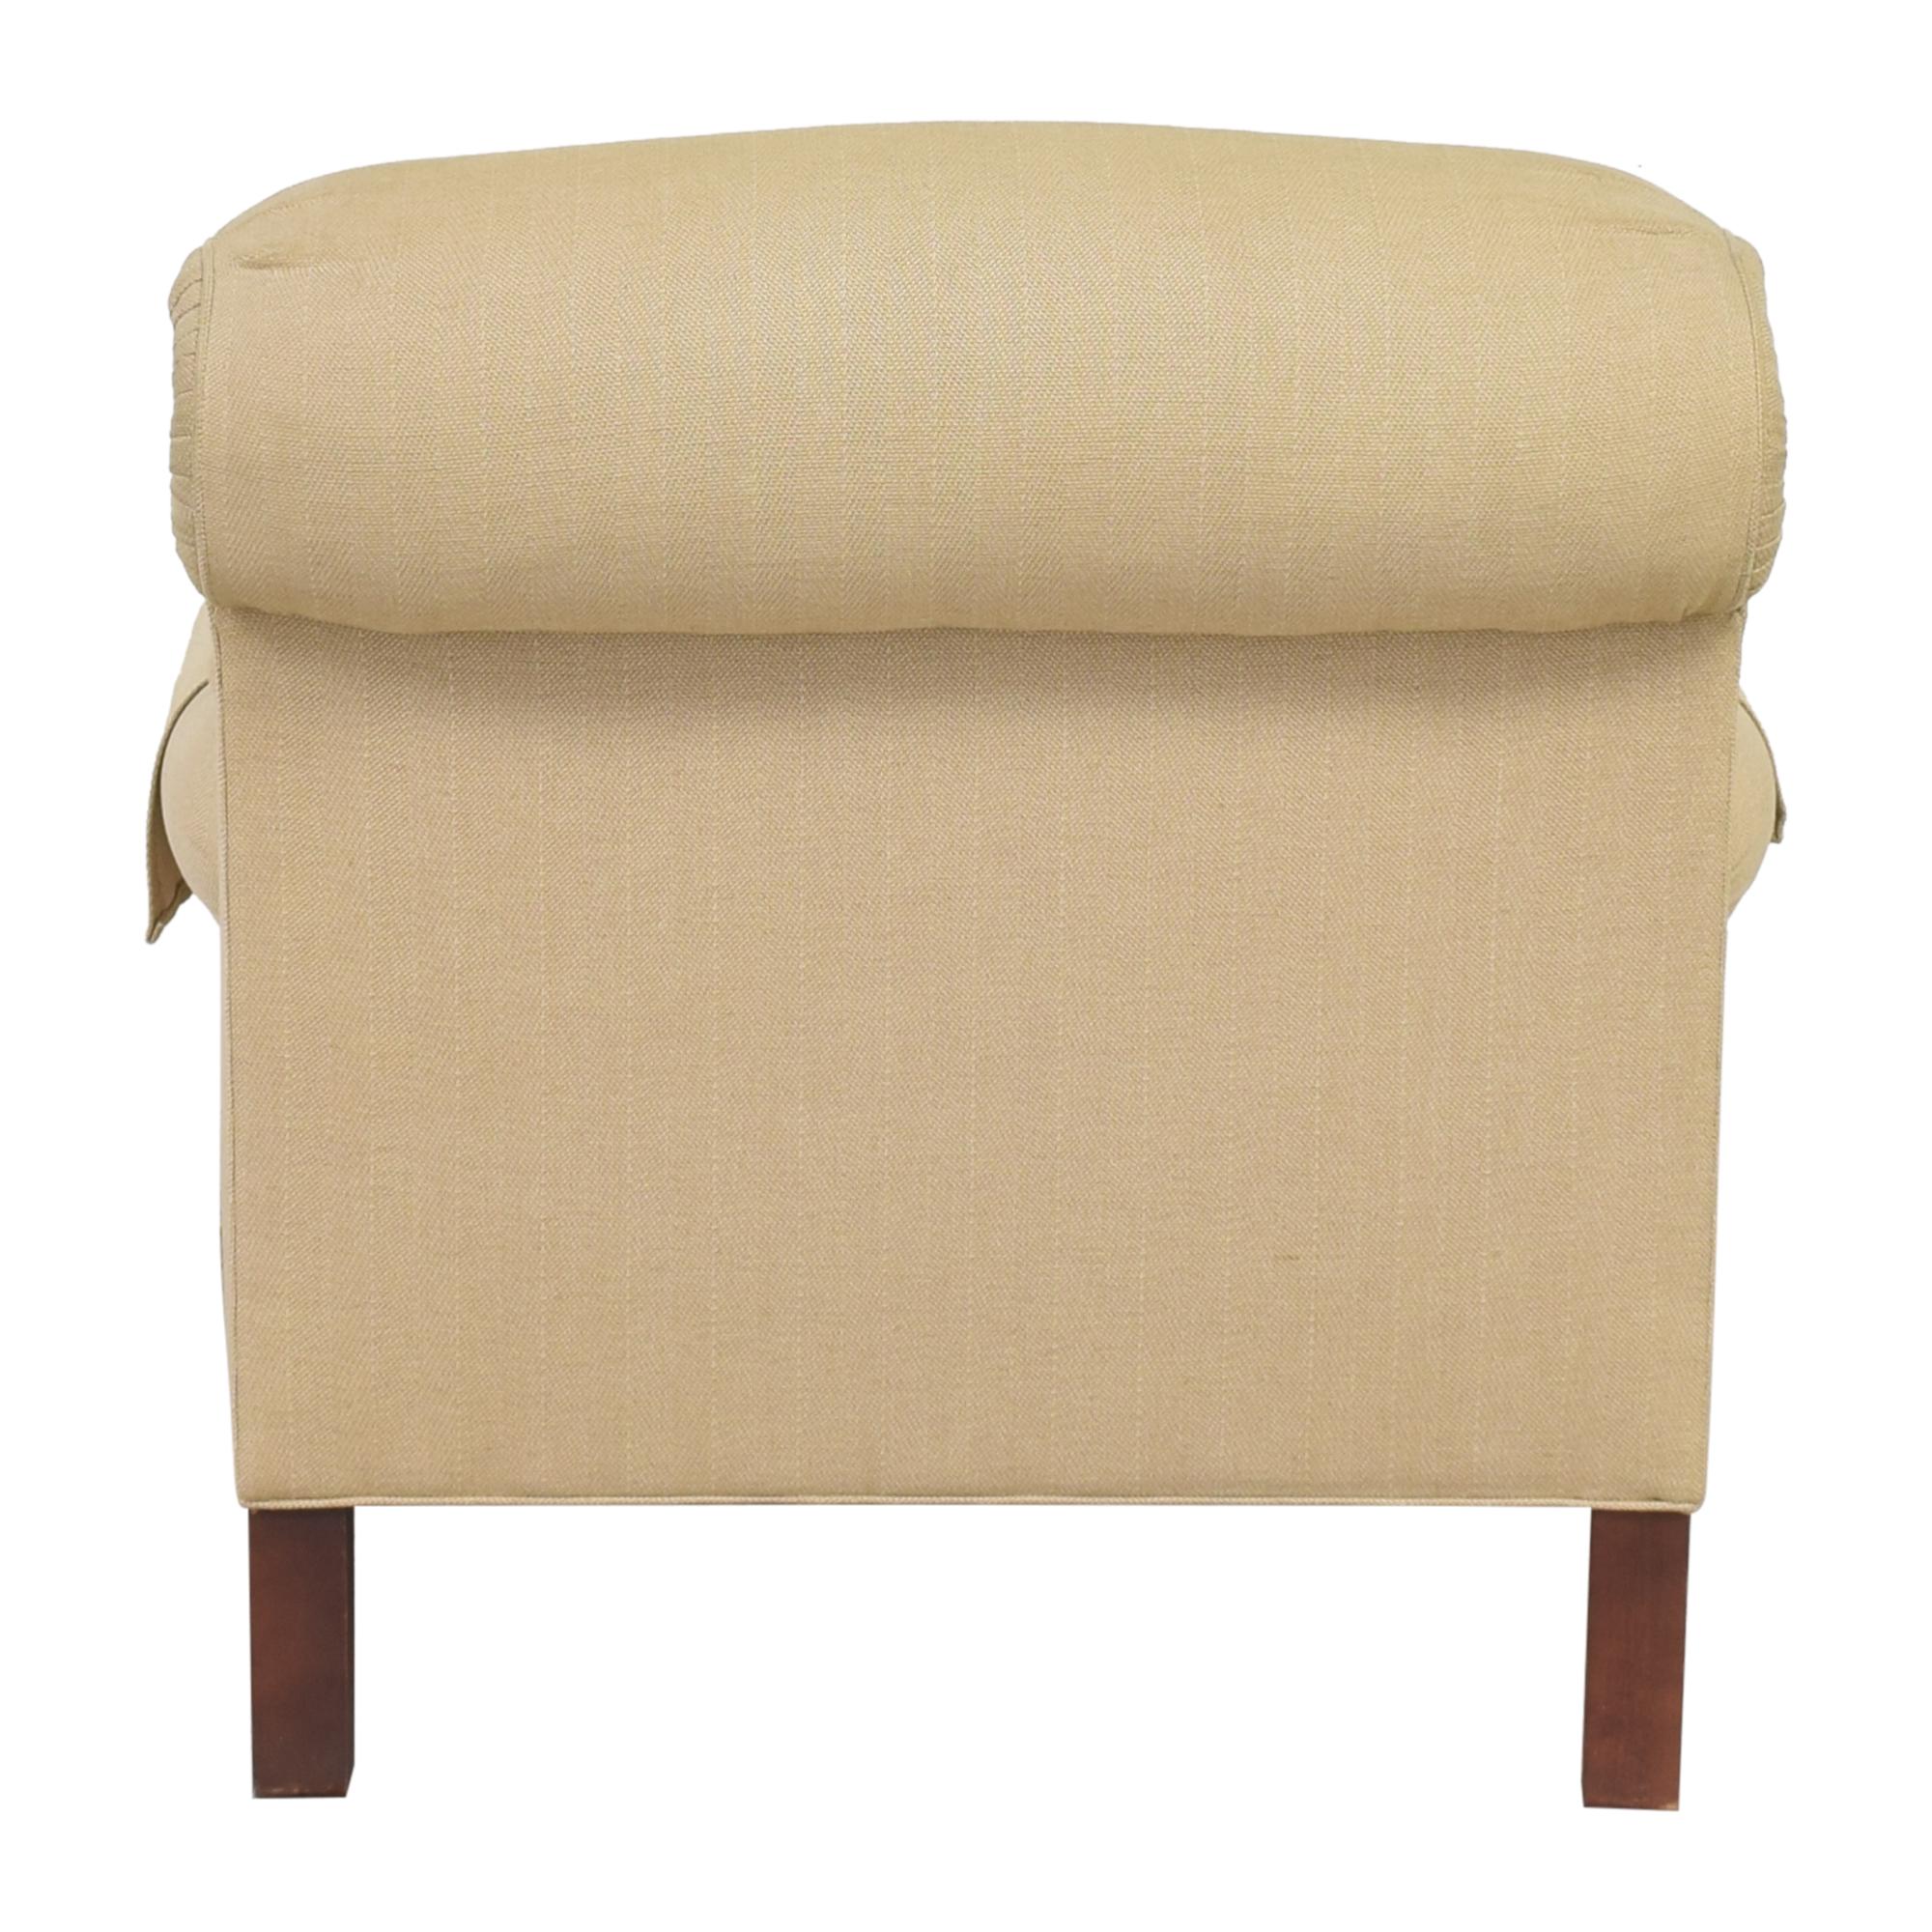 shop Ralph Lauren Home Accent Chair Ralph Lauren Home Accent Chairs